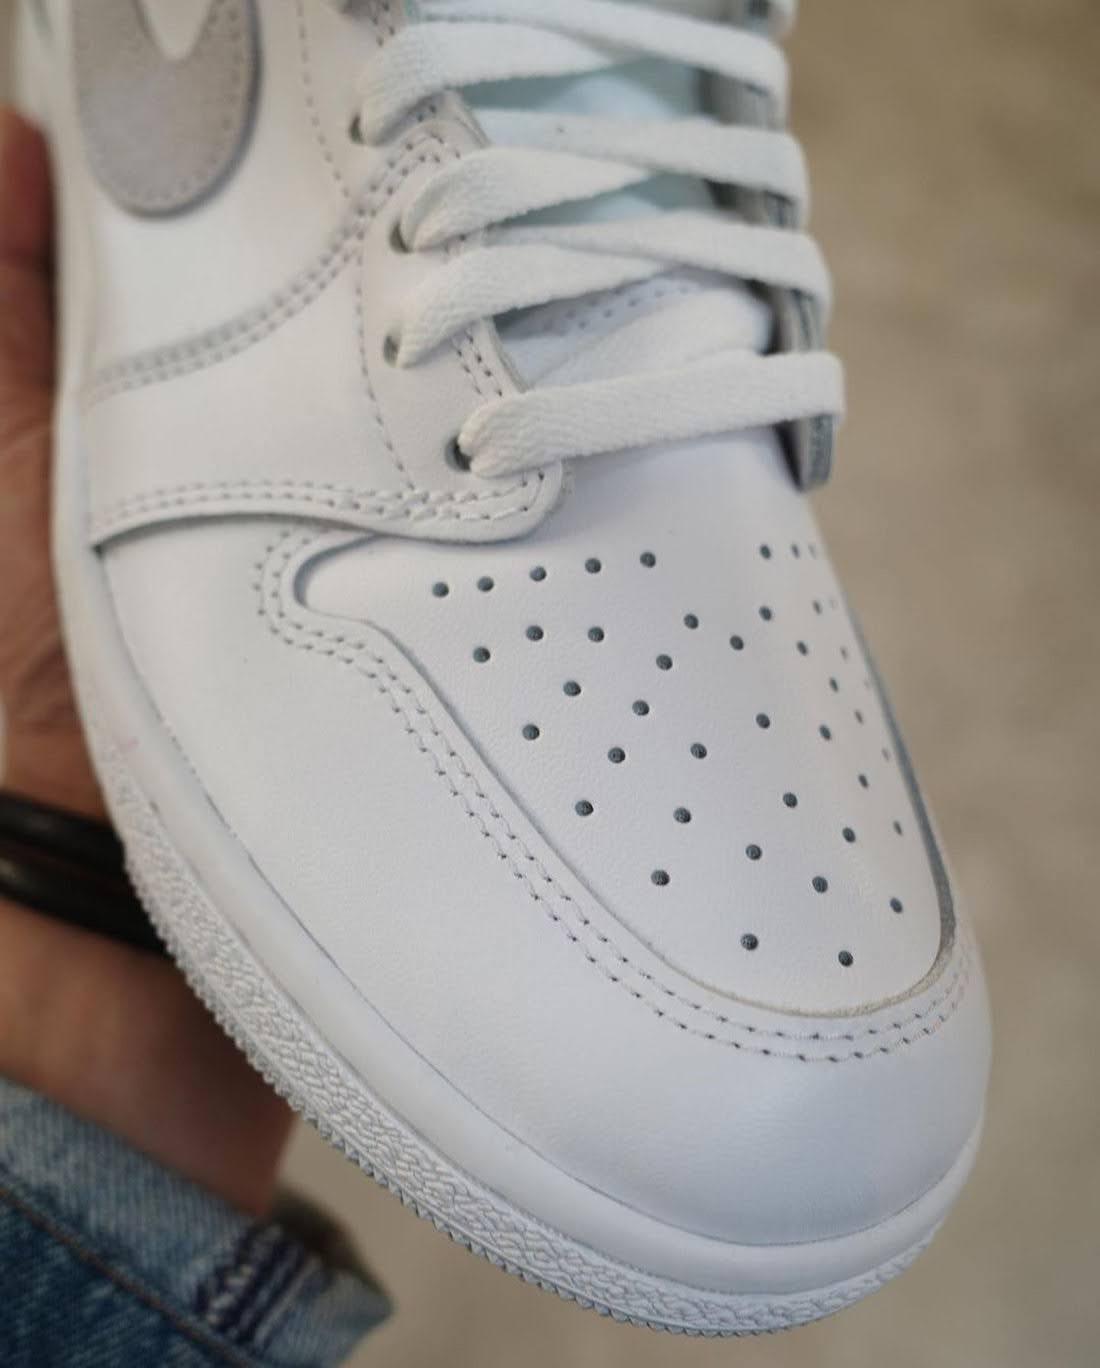 """ナイキ エアジョーダン1 ハイ 85 """"ニュートラルグレー""""-Nike-Air-Jordan-1-High-85-Neutral-Grey-BQ4422-100-2021-toe-closeup"""